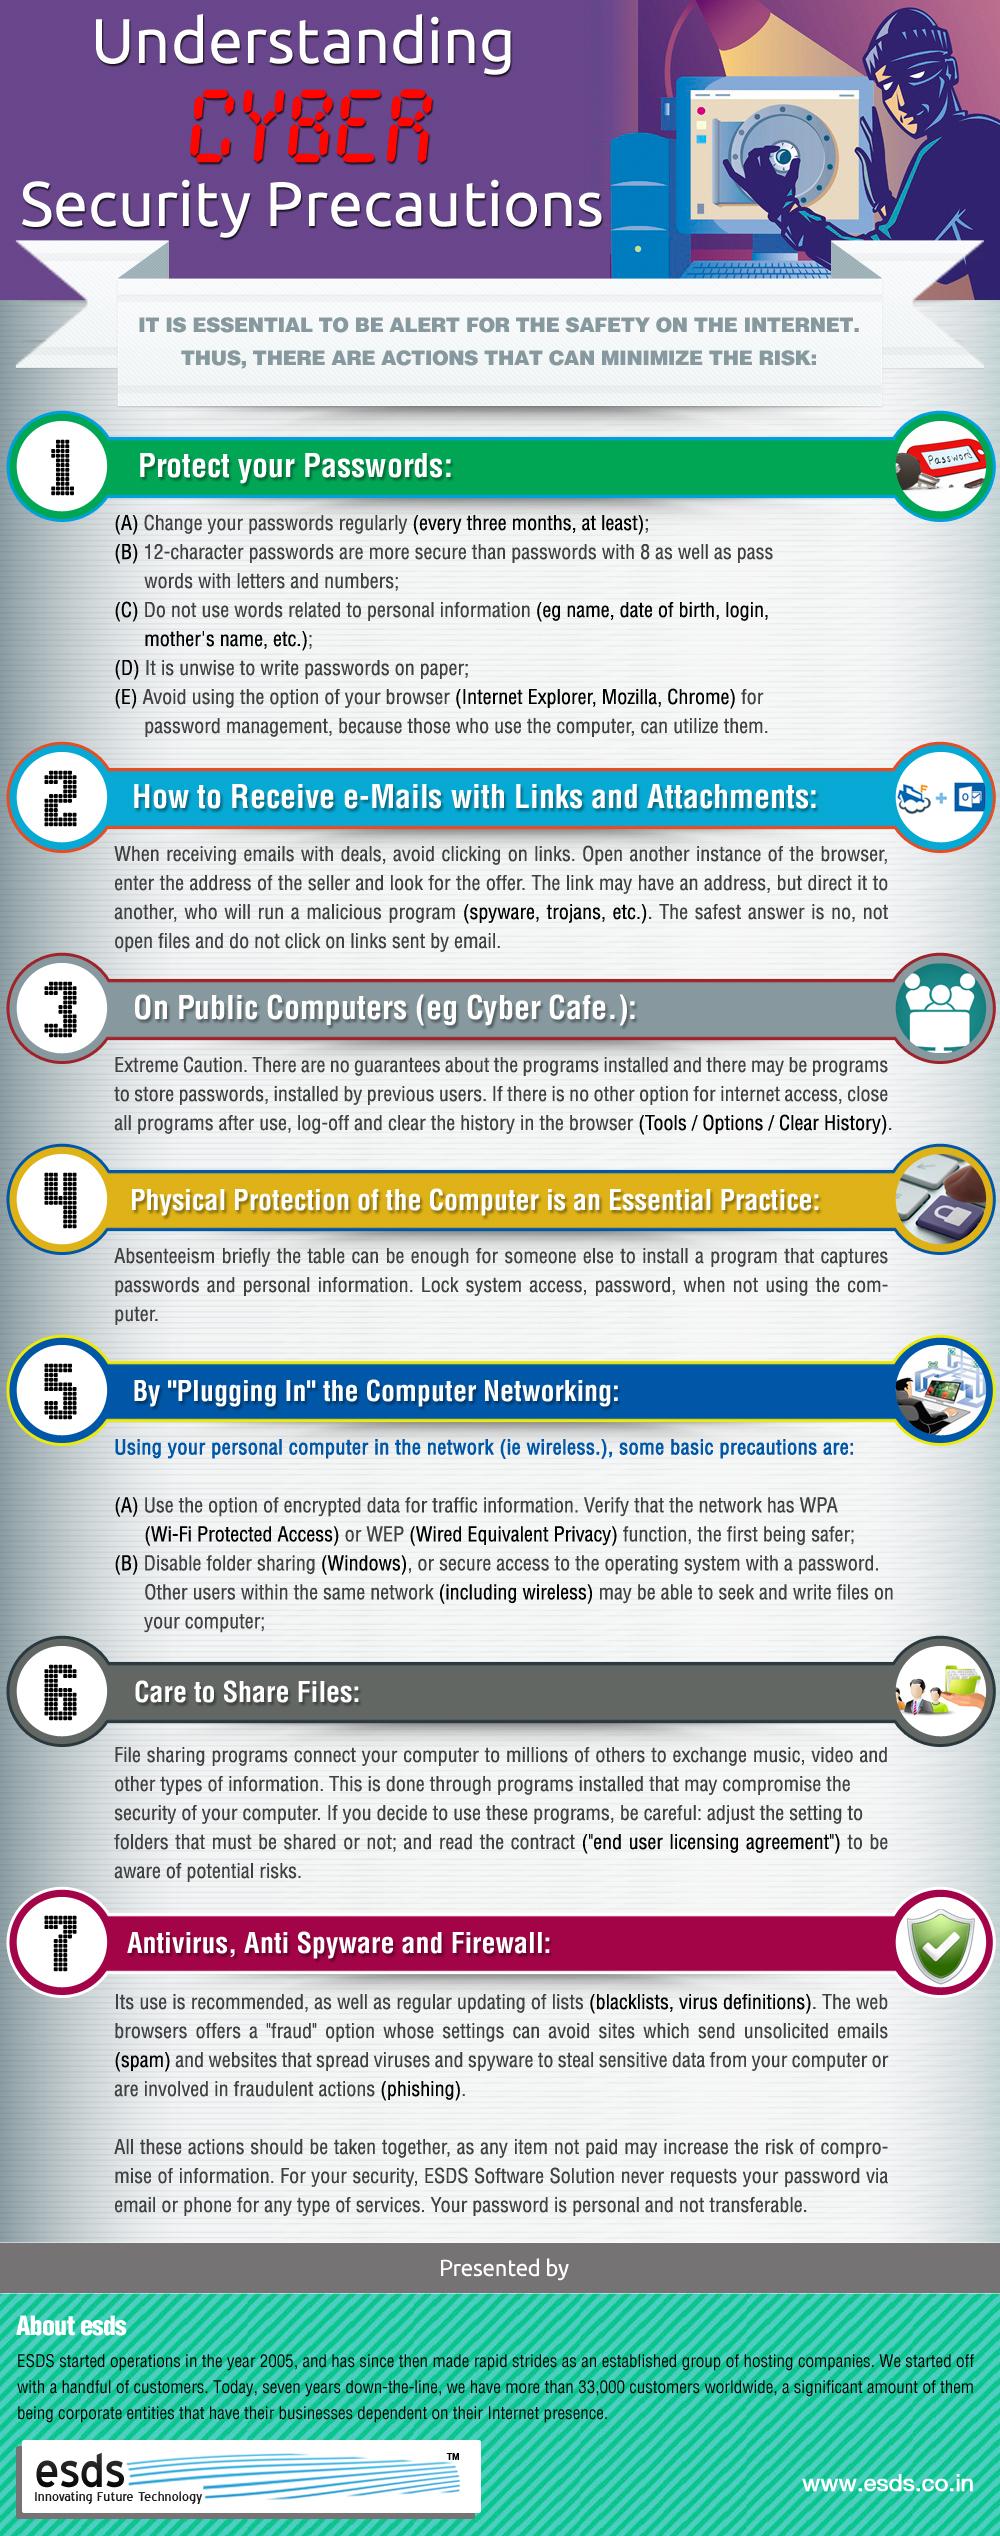 Understanding Cyber Security Precautions